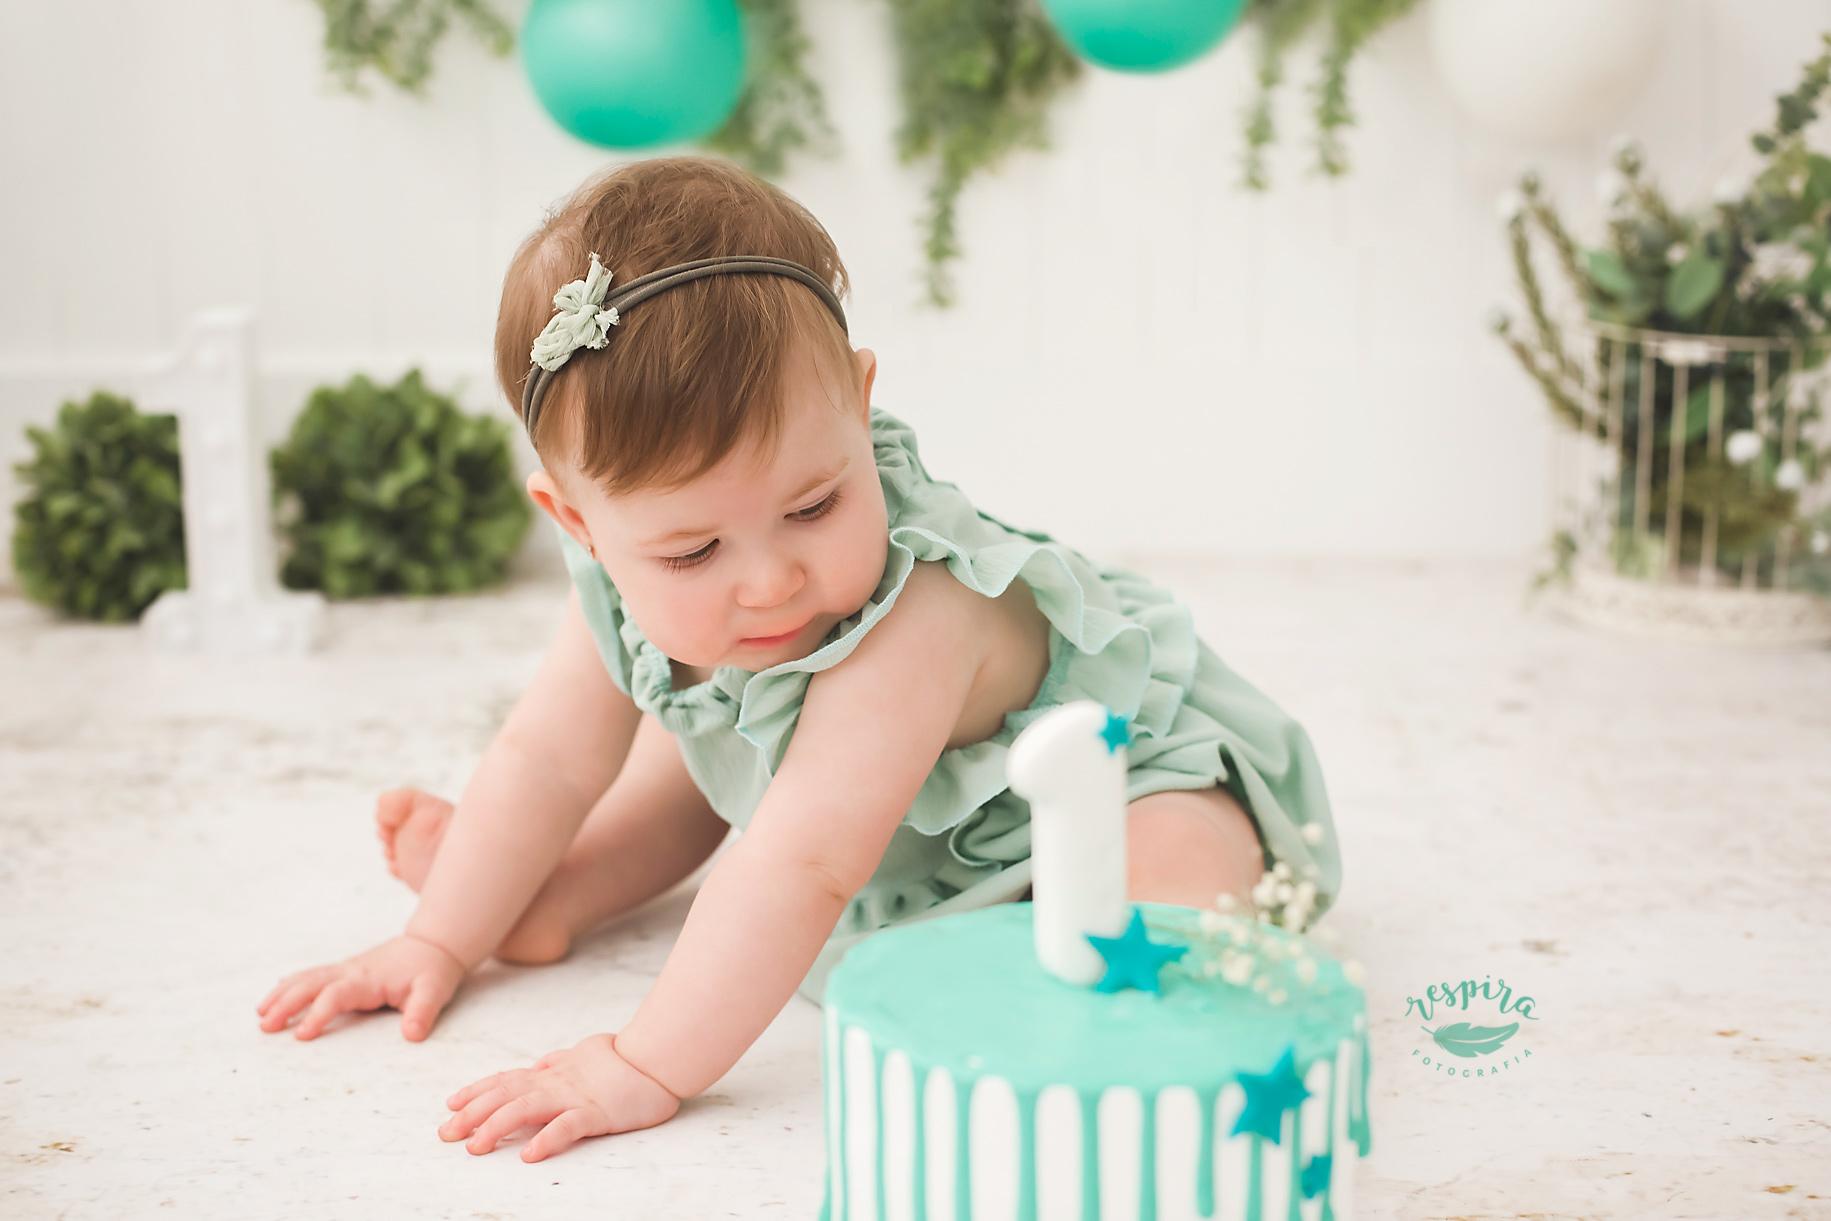 Estudio fotografico infantil olesa de montserrat